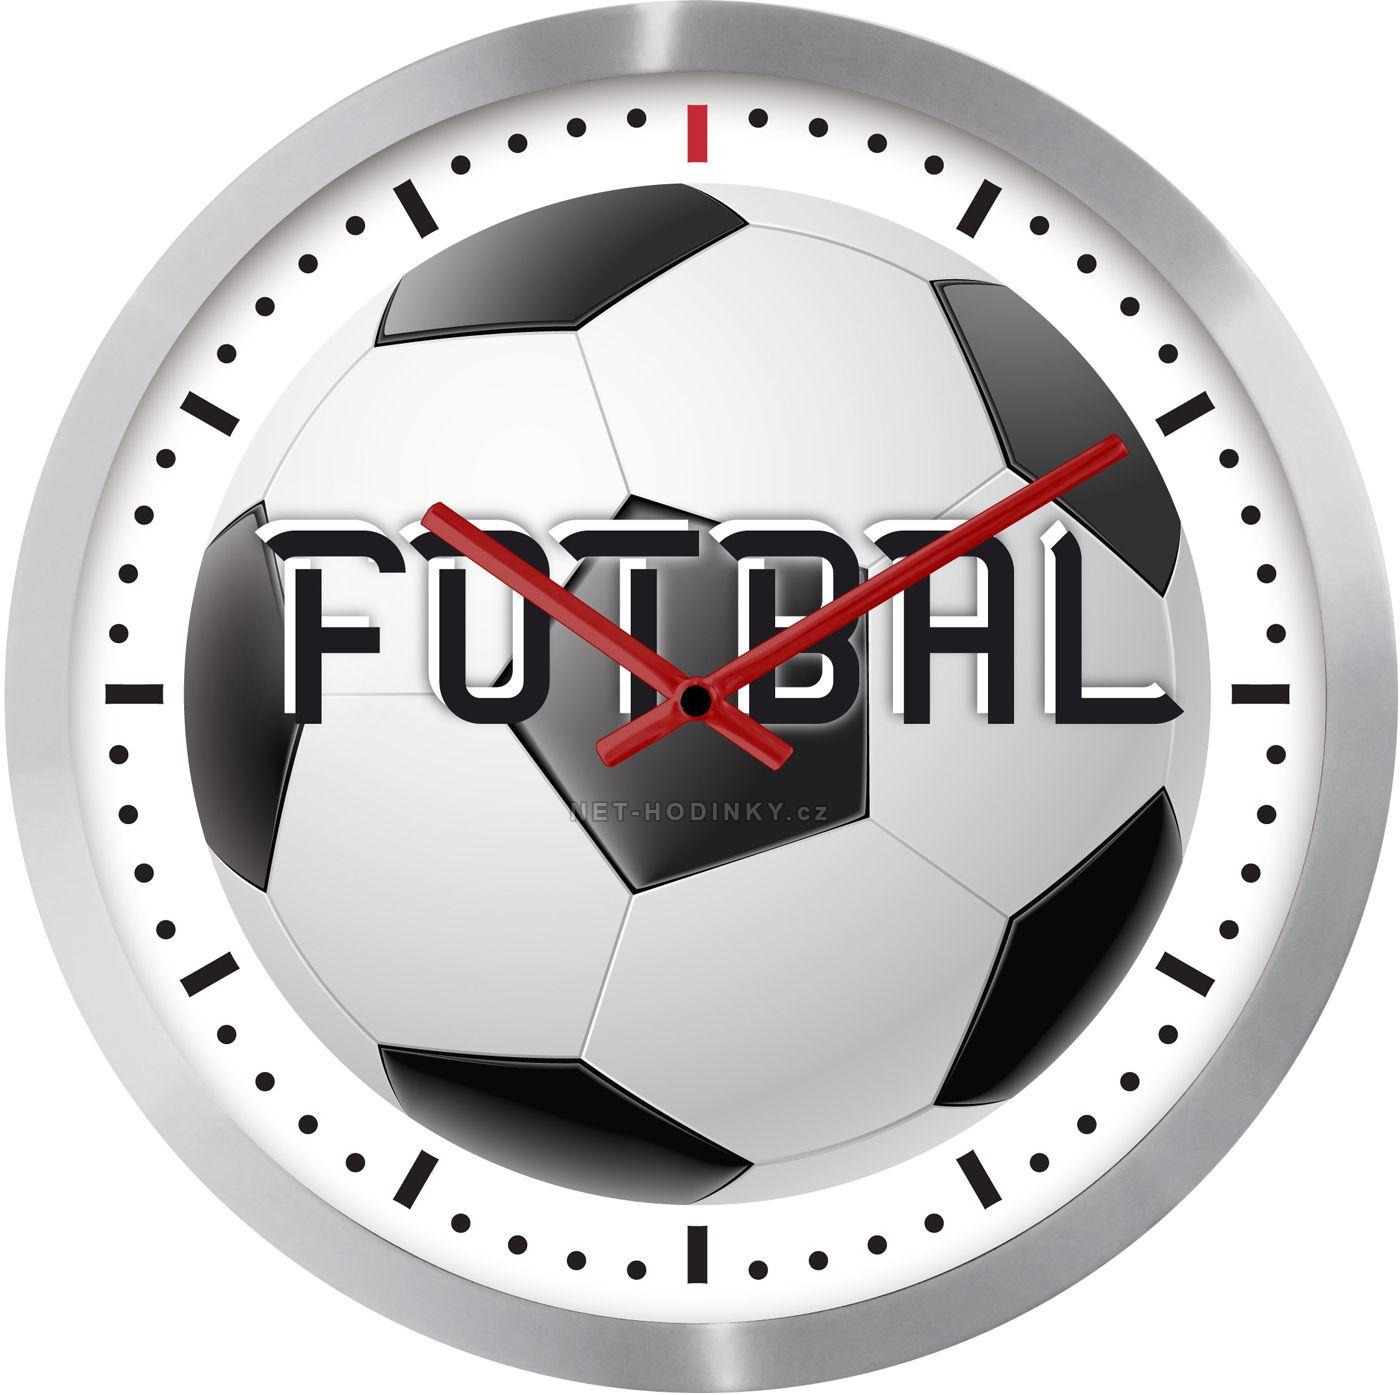 Nástěnné hodiny na stěnu Volleyball, Bowling, Basketbal, Fotbal, nástěnné hodiny na zeď, dětské hodiny H926Q